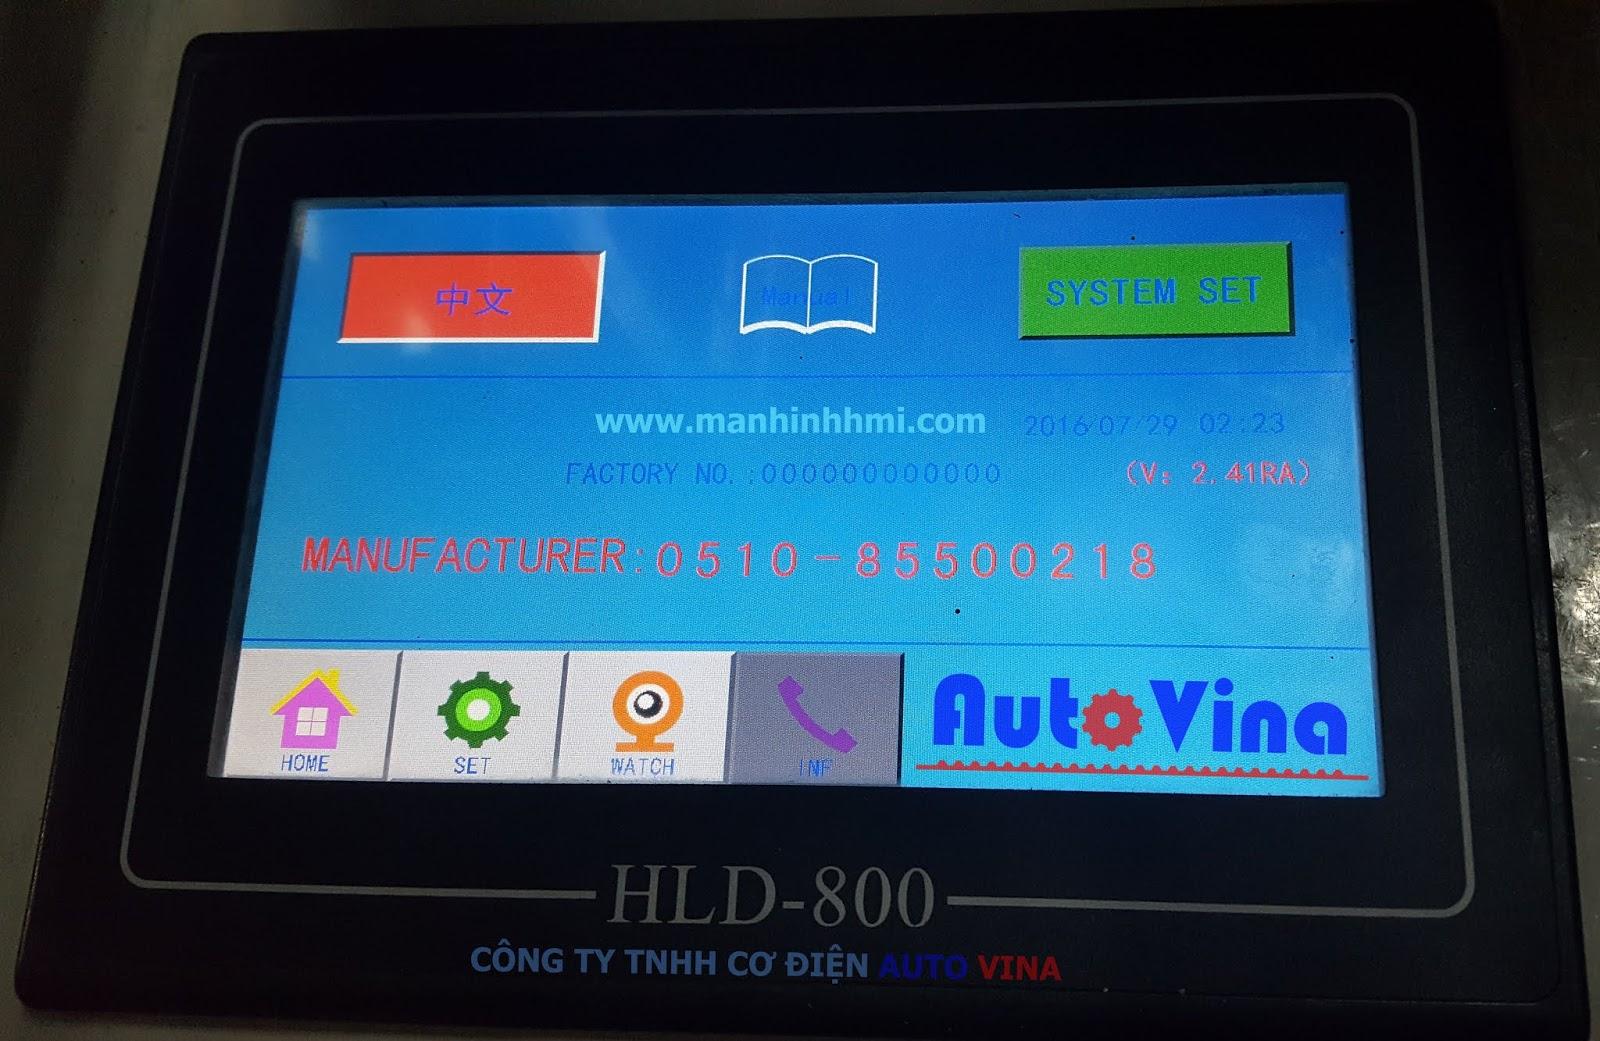 Thông tin trên HLD-800 màn hình khởi động chạy máy cắt